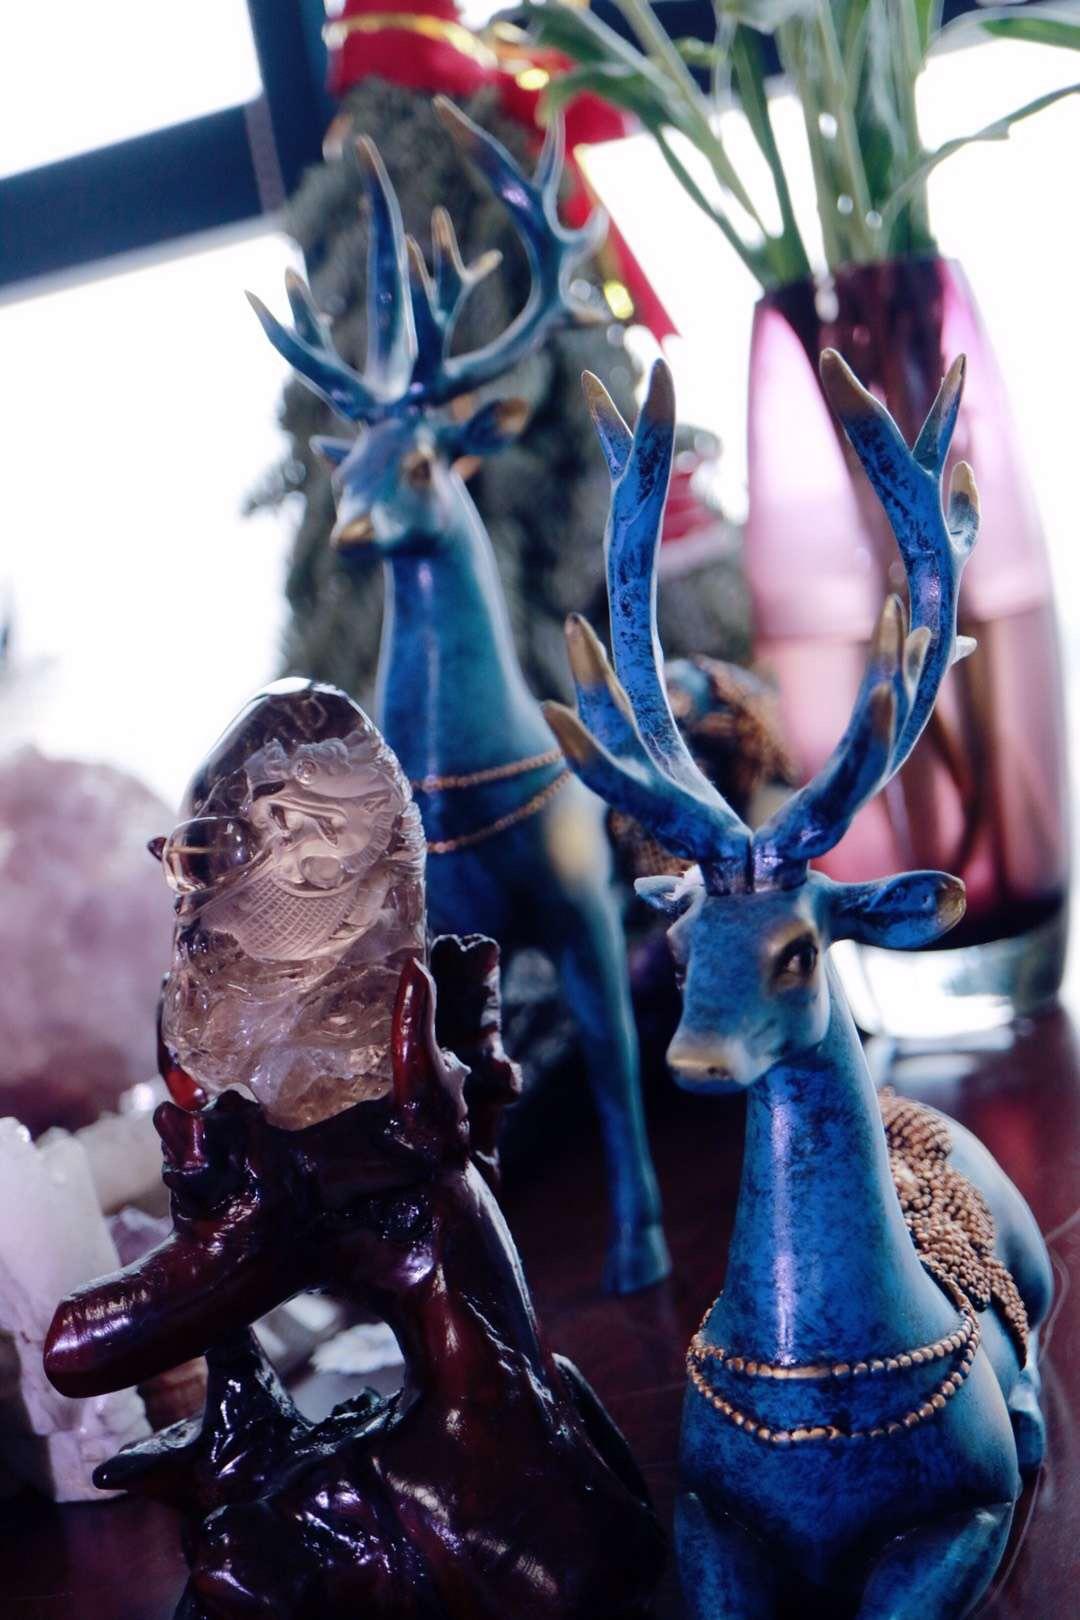 【菩心   发晶祥龙摆件】辟邪护主之瑞兽,可镇宅、可招财、可转运-菩心晶舍